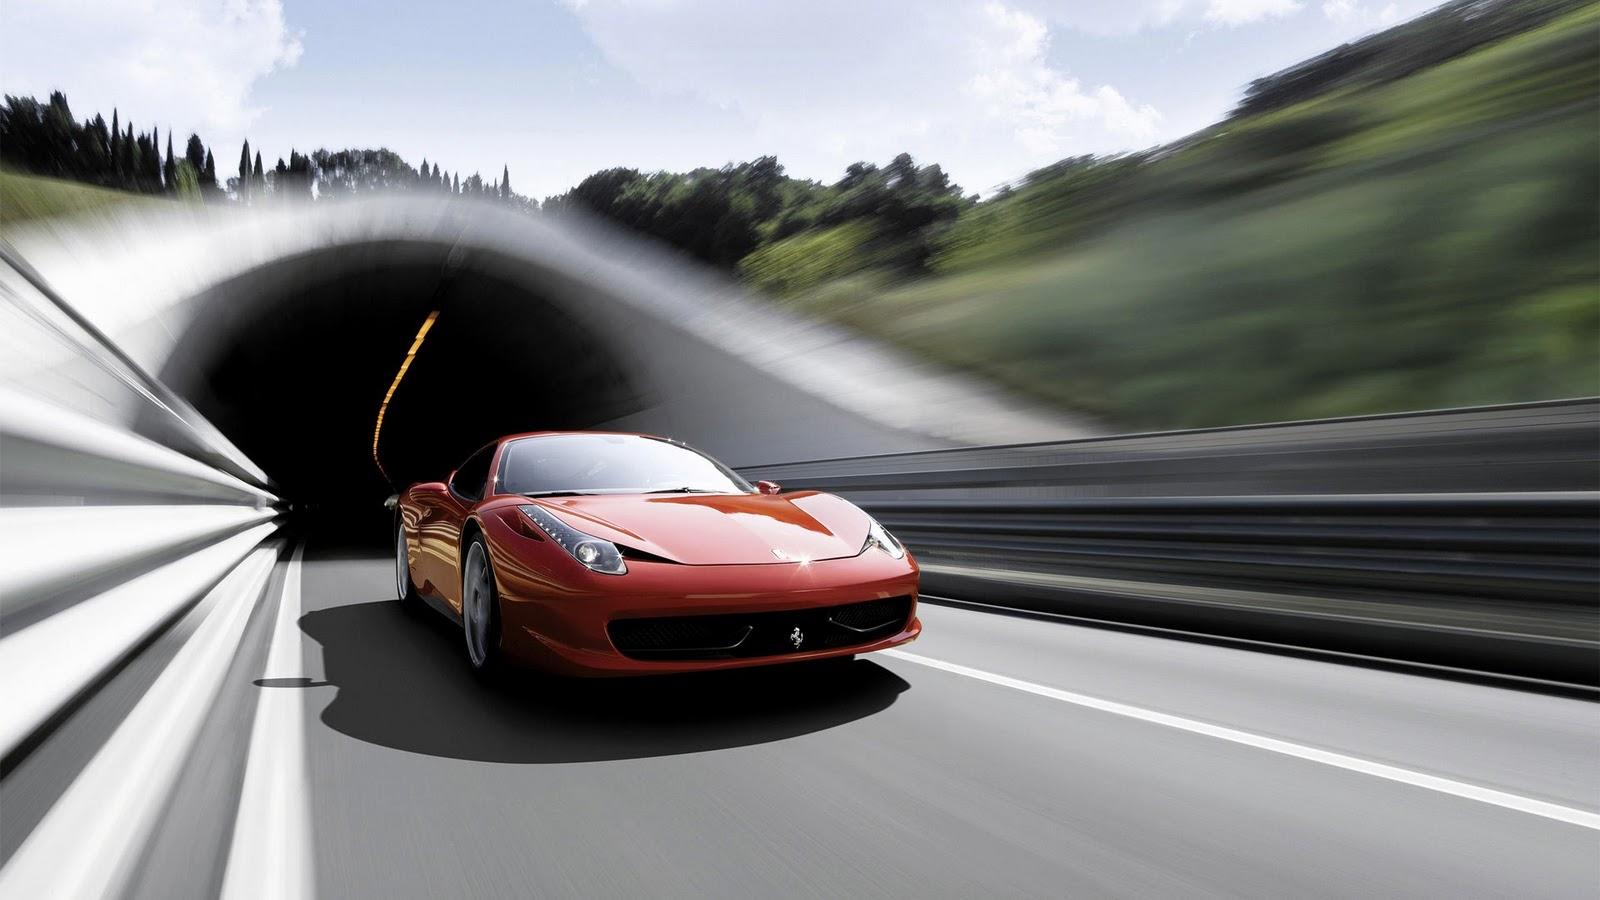 http://3.bp.blogspot.com/-Ryo52vUBmVg/TqYY5OaOCqI/AAAAAAAAAng/xis8zzP82xo/s1600/Ferrari_458_Italiax_2011_03.jpg